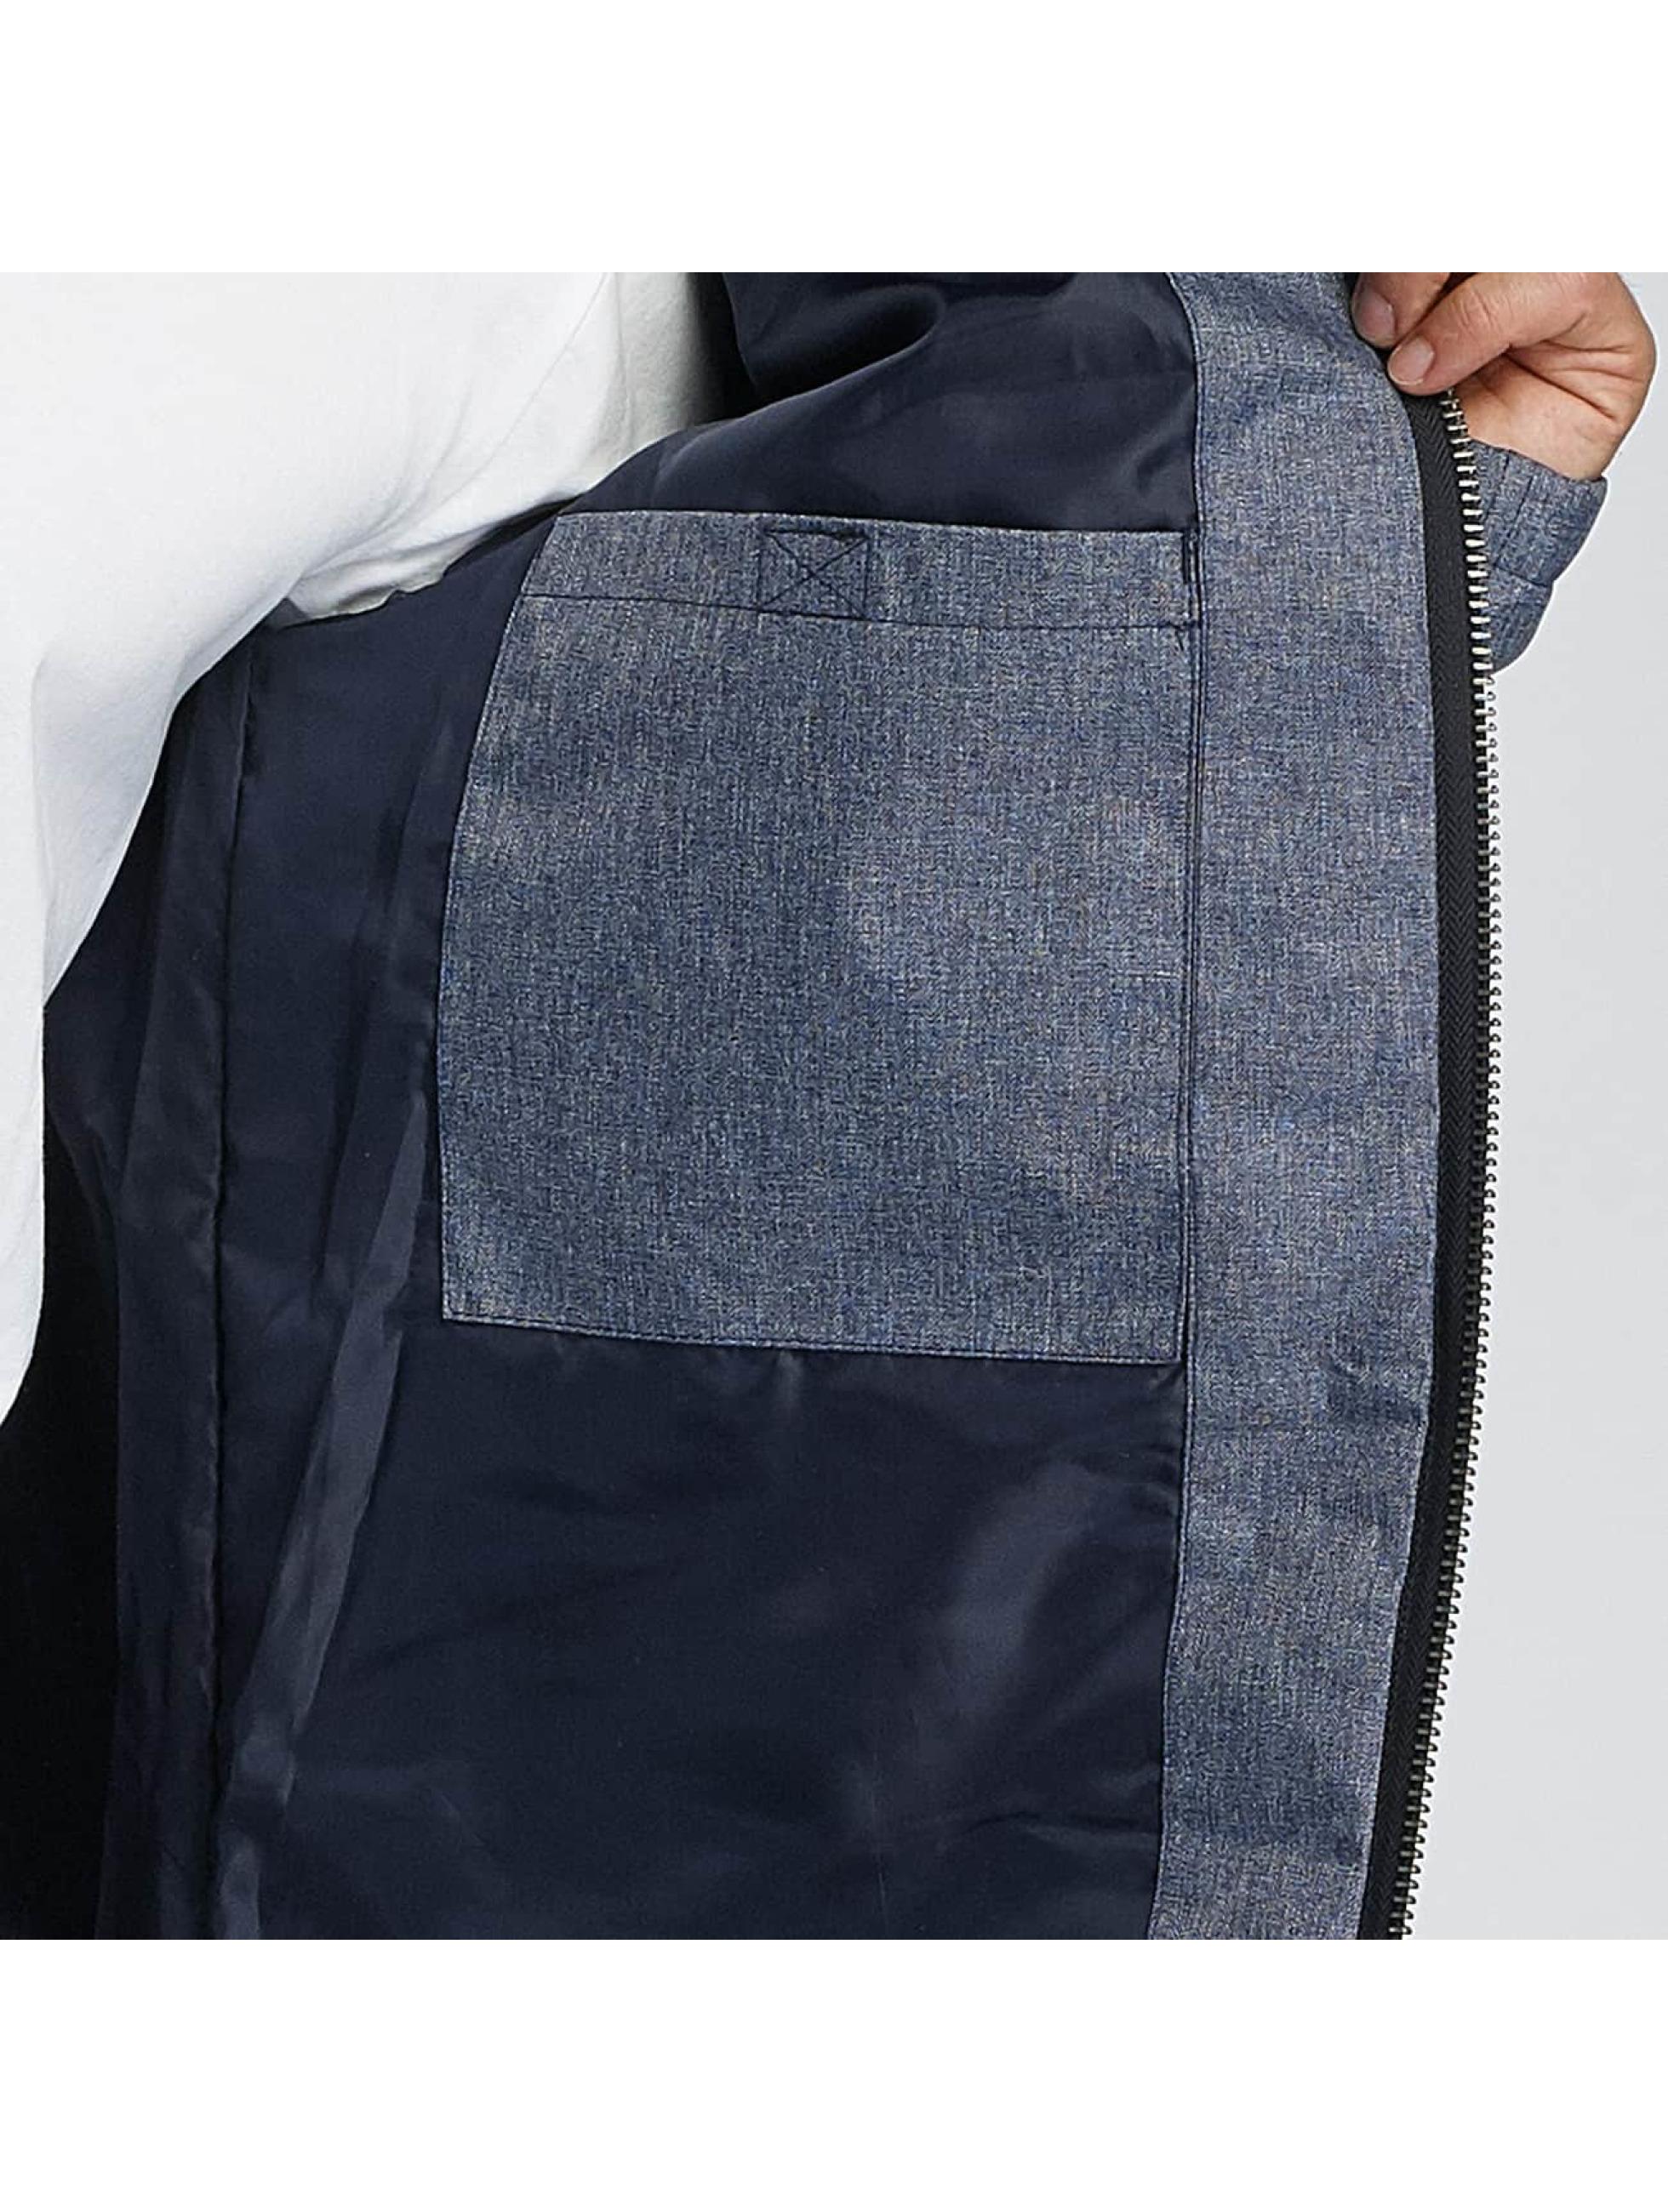 Paris Premium Vinterjakke Fluffy blå